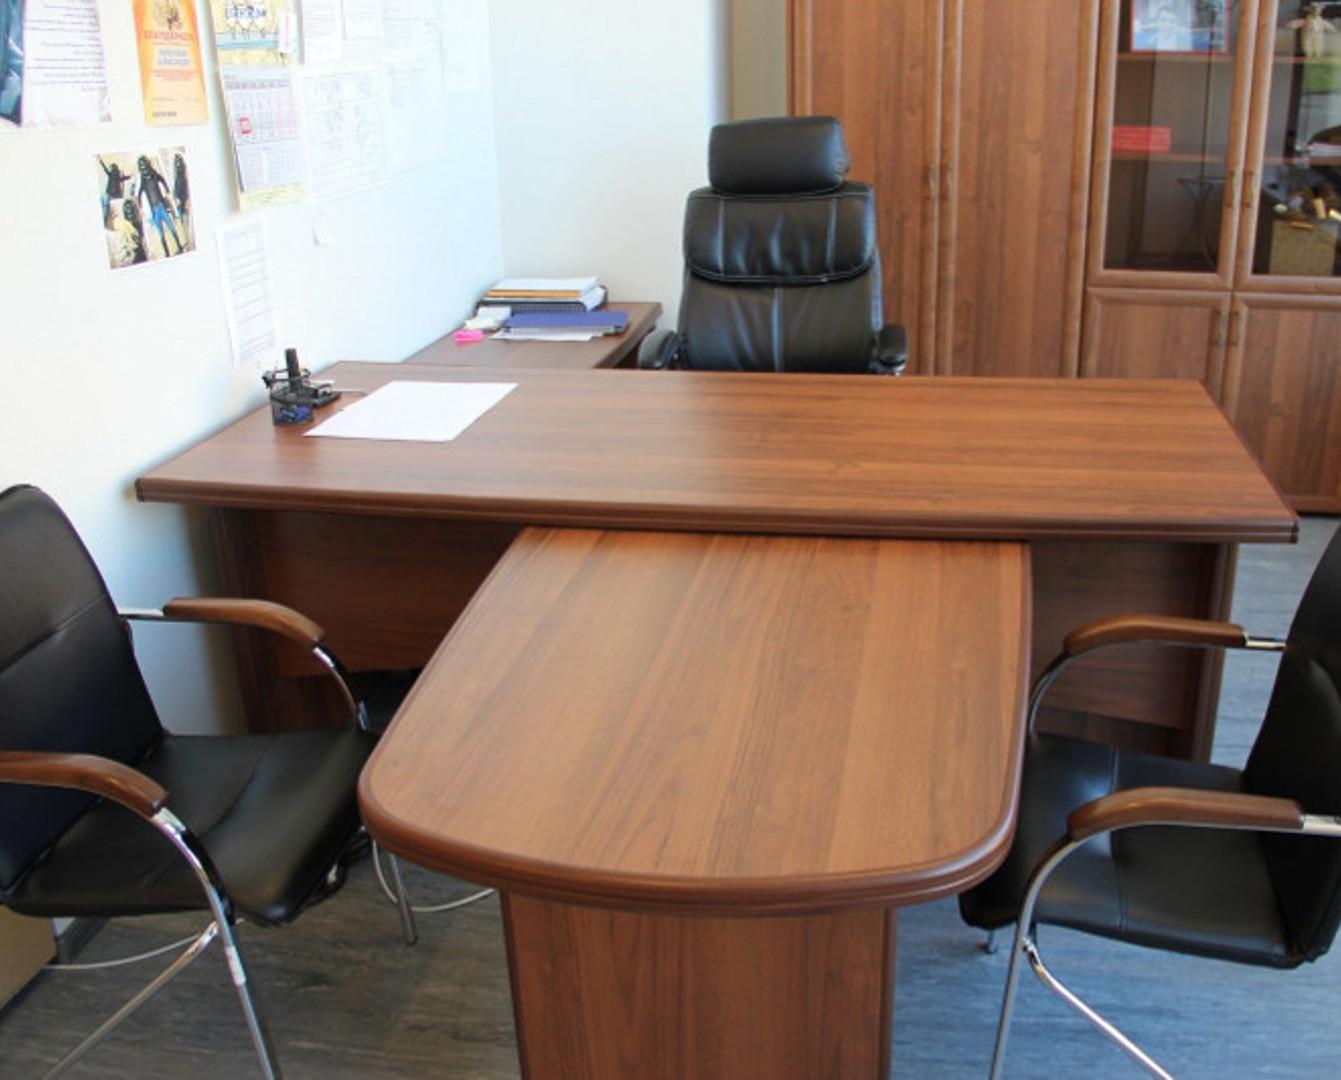 Маңғыстауда мектеп директорлары кең кабинеттерін босатып жатыр